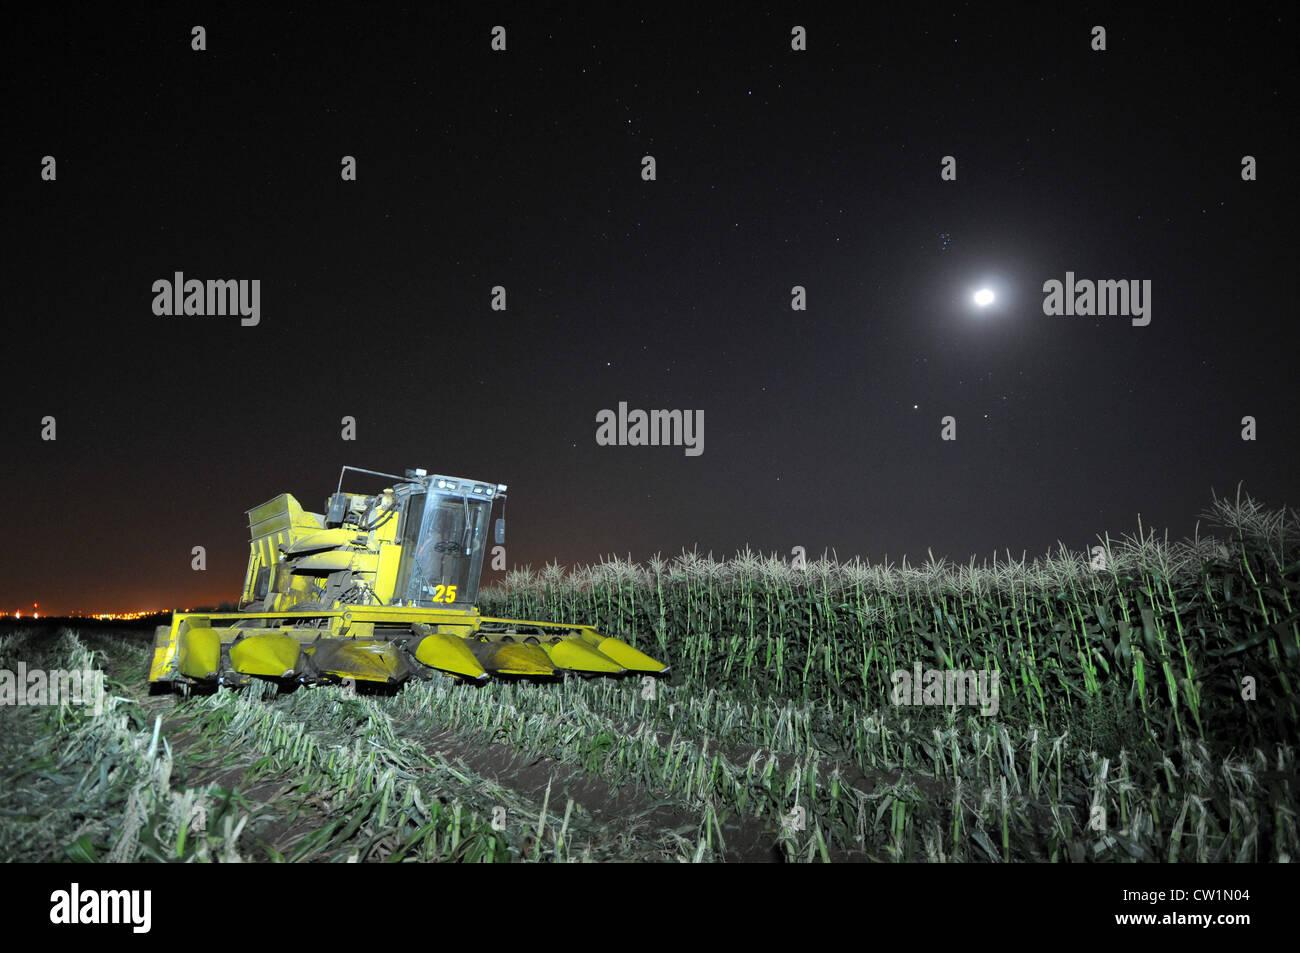 Mietitrebbia in un campo di mais di notte, vicino Kibbutz Mevo Hama nel Golan, foto di Shay prelievo Foto Stock